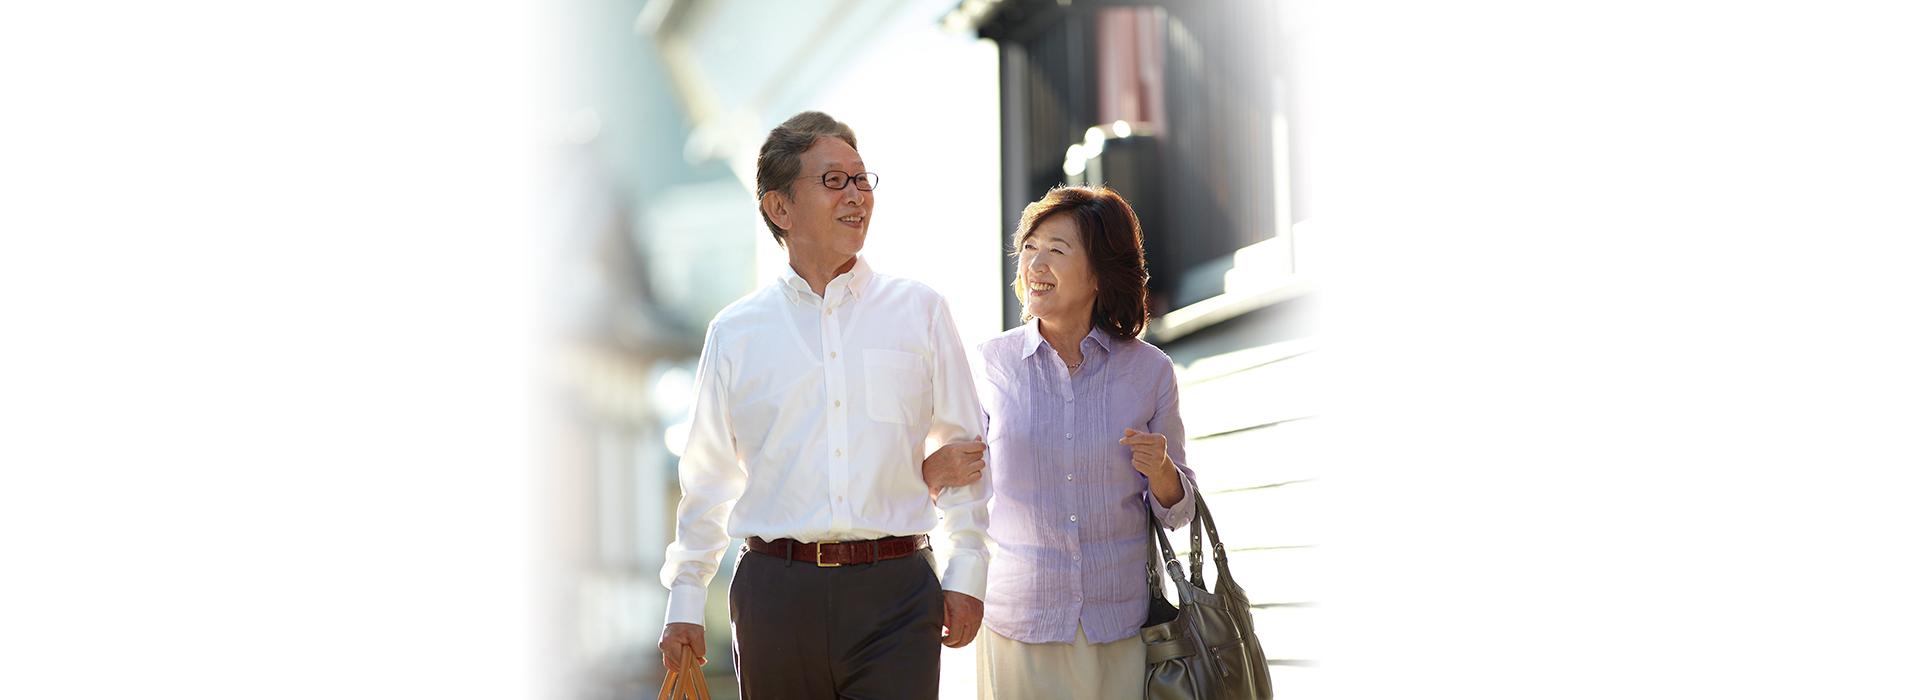 全資產配置規劃 學董座自在退休